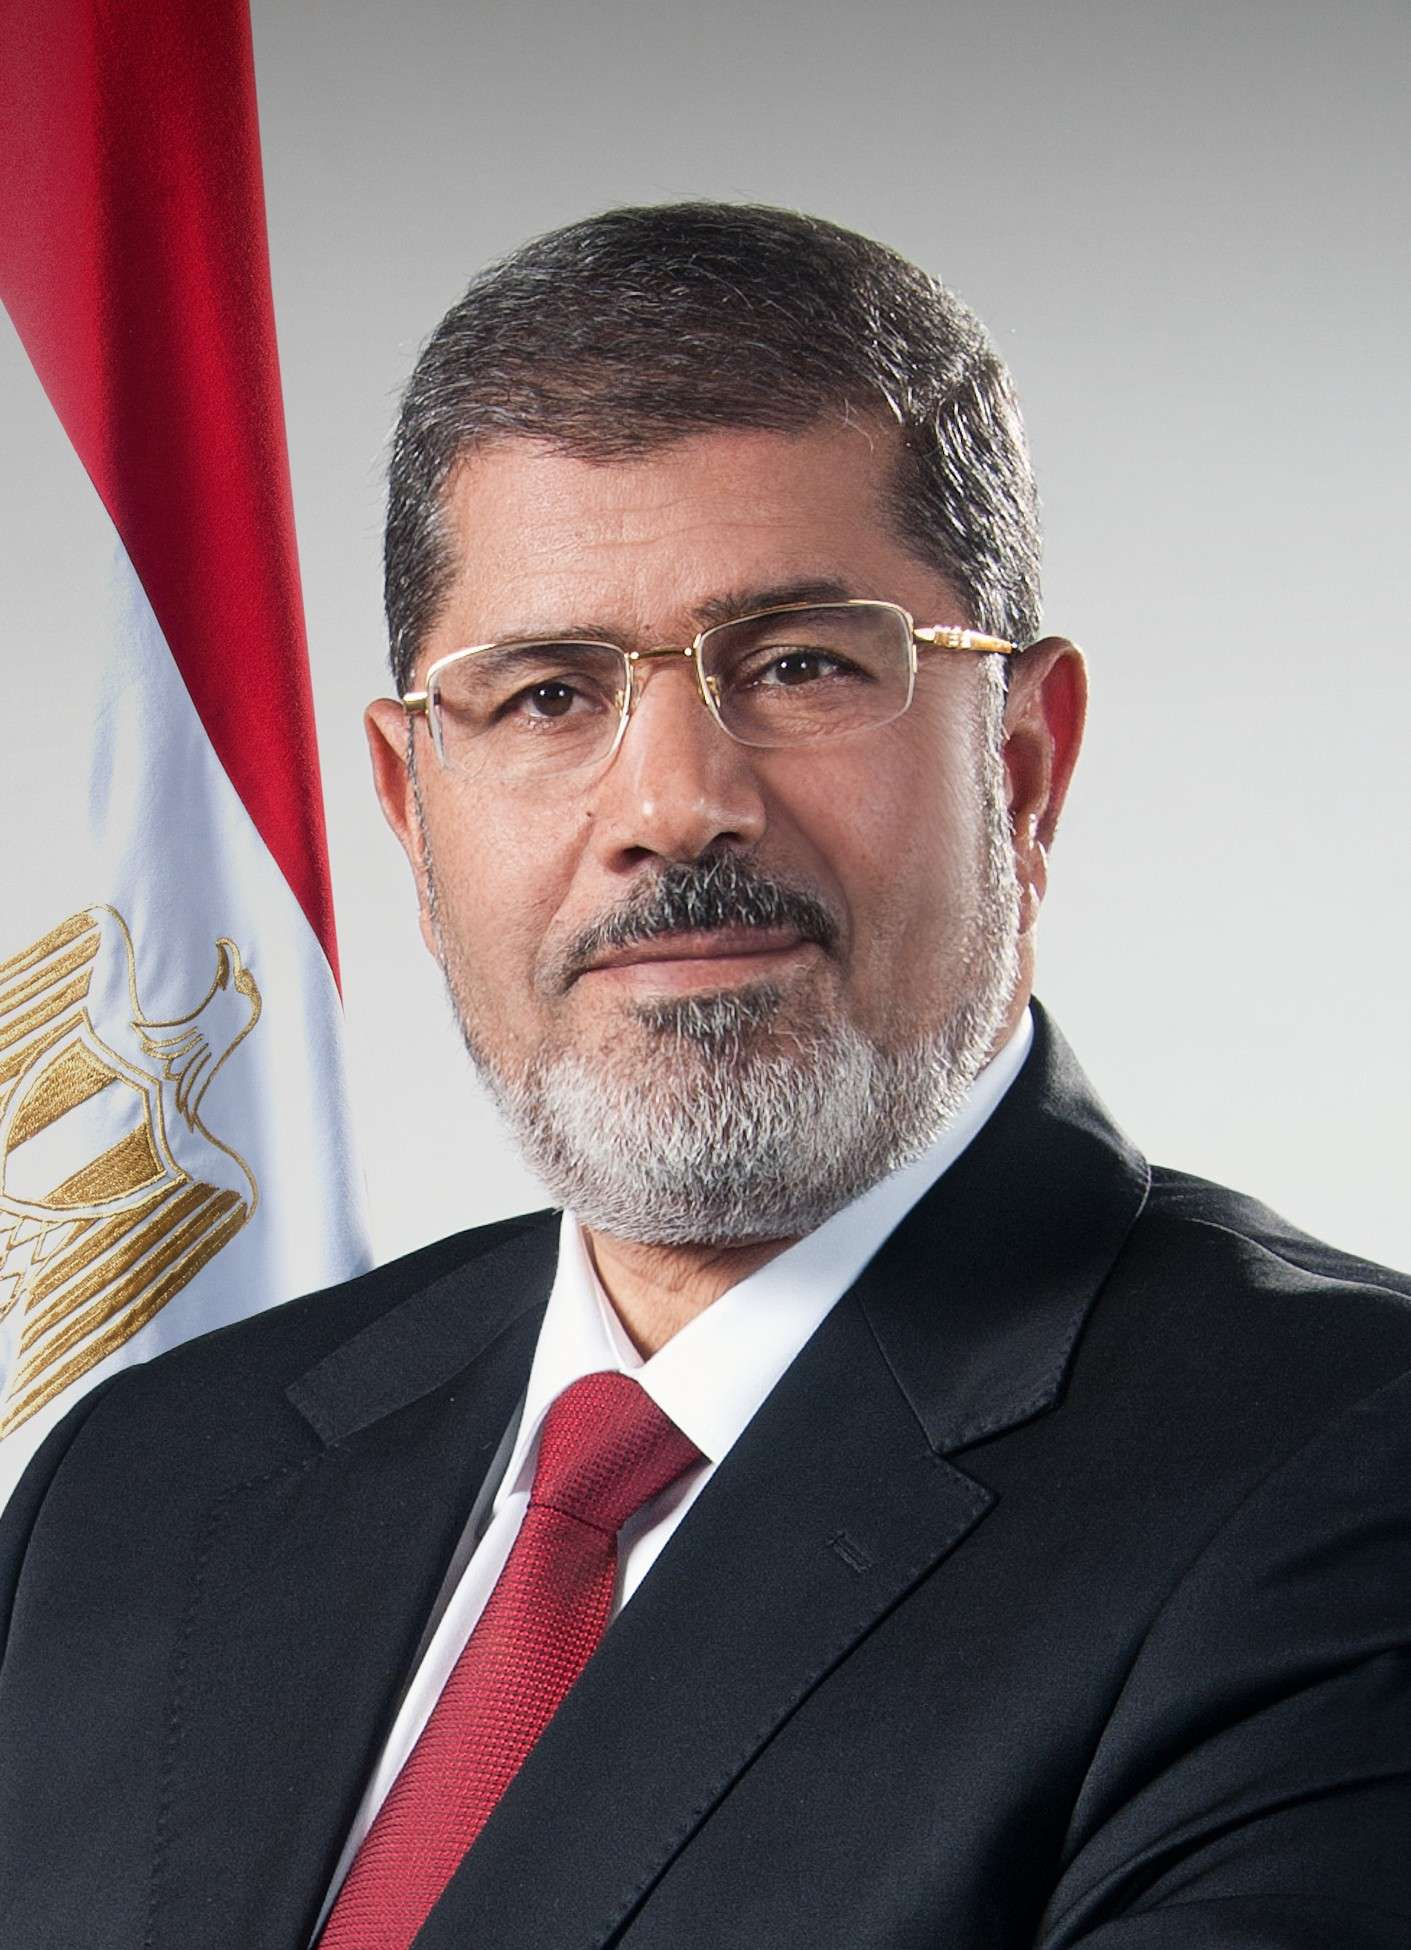 الرئيس محمد مرسى راجع باذن الله Presid10